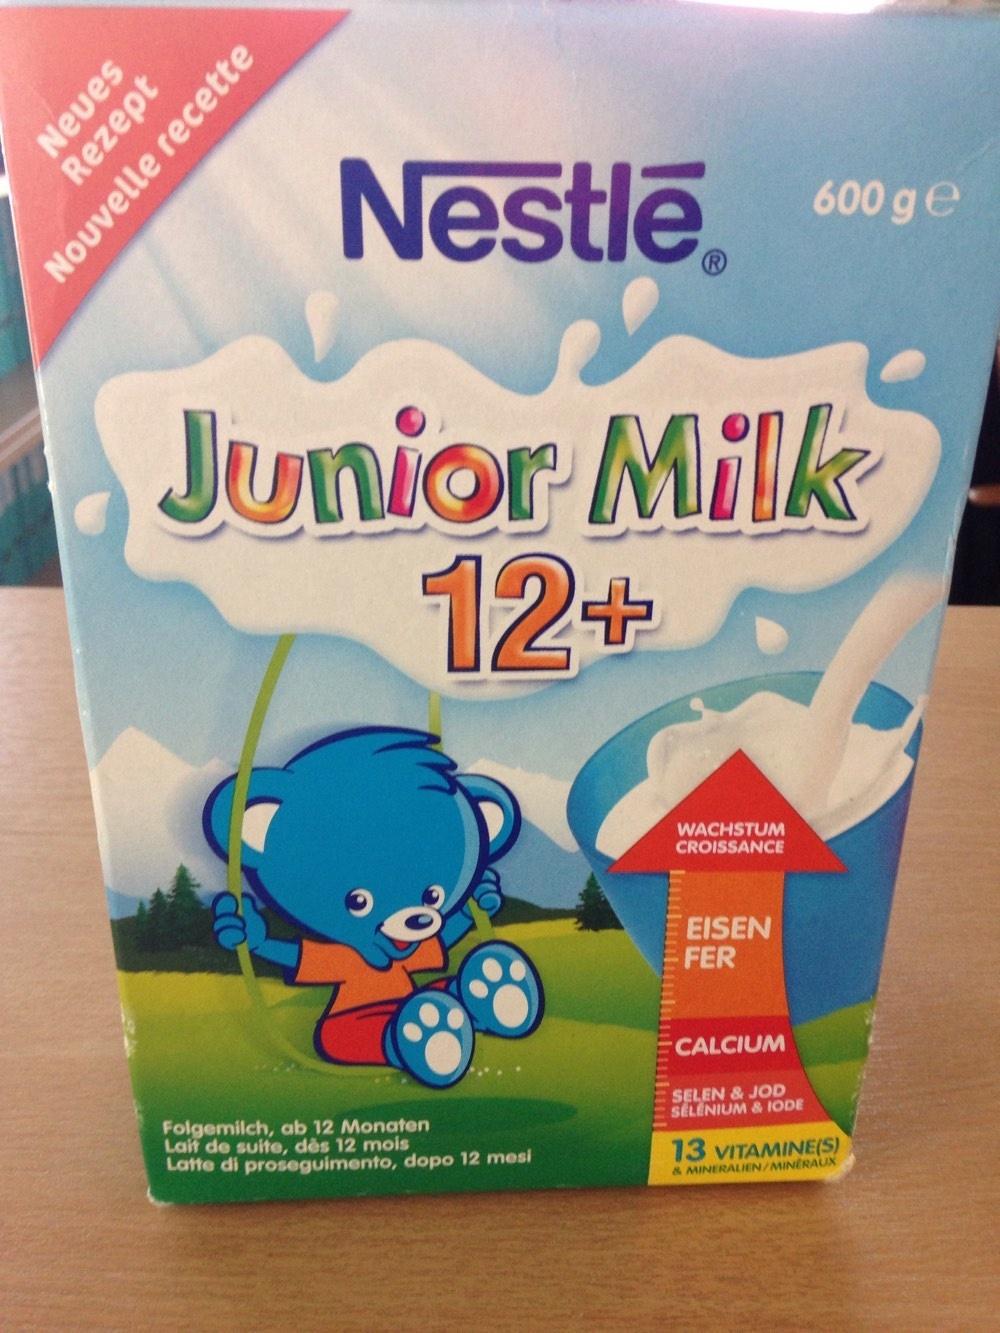 Junior Milk 12+ - Product - fr